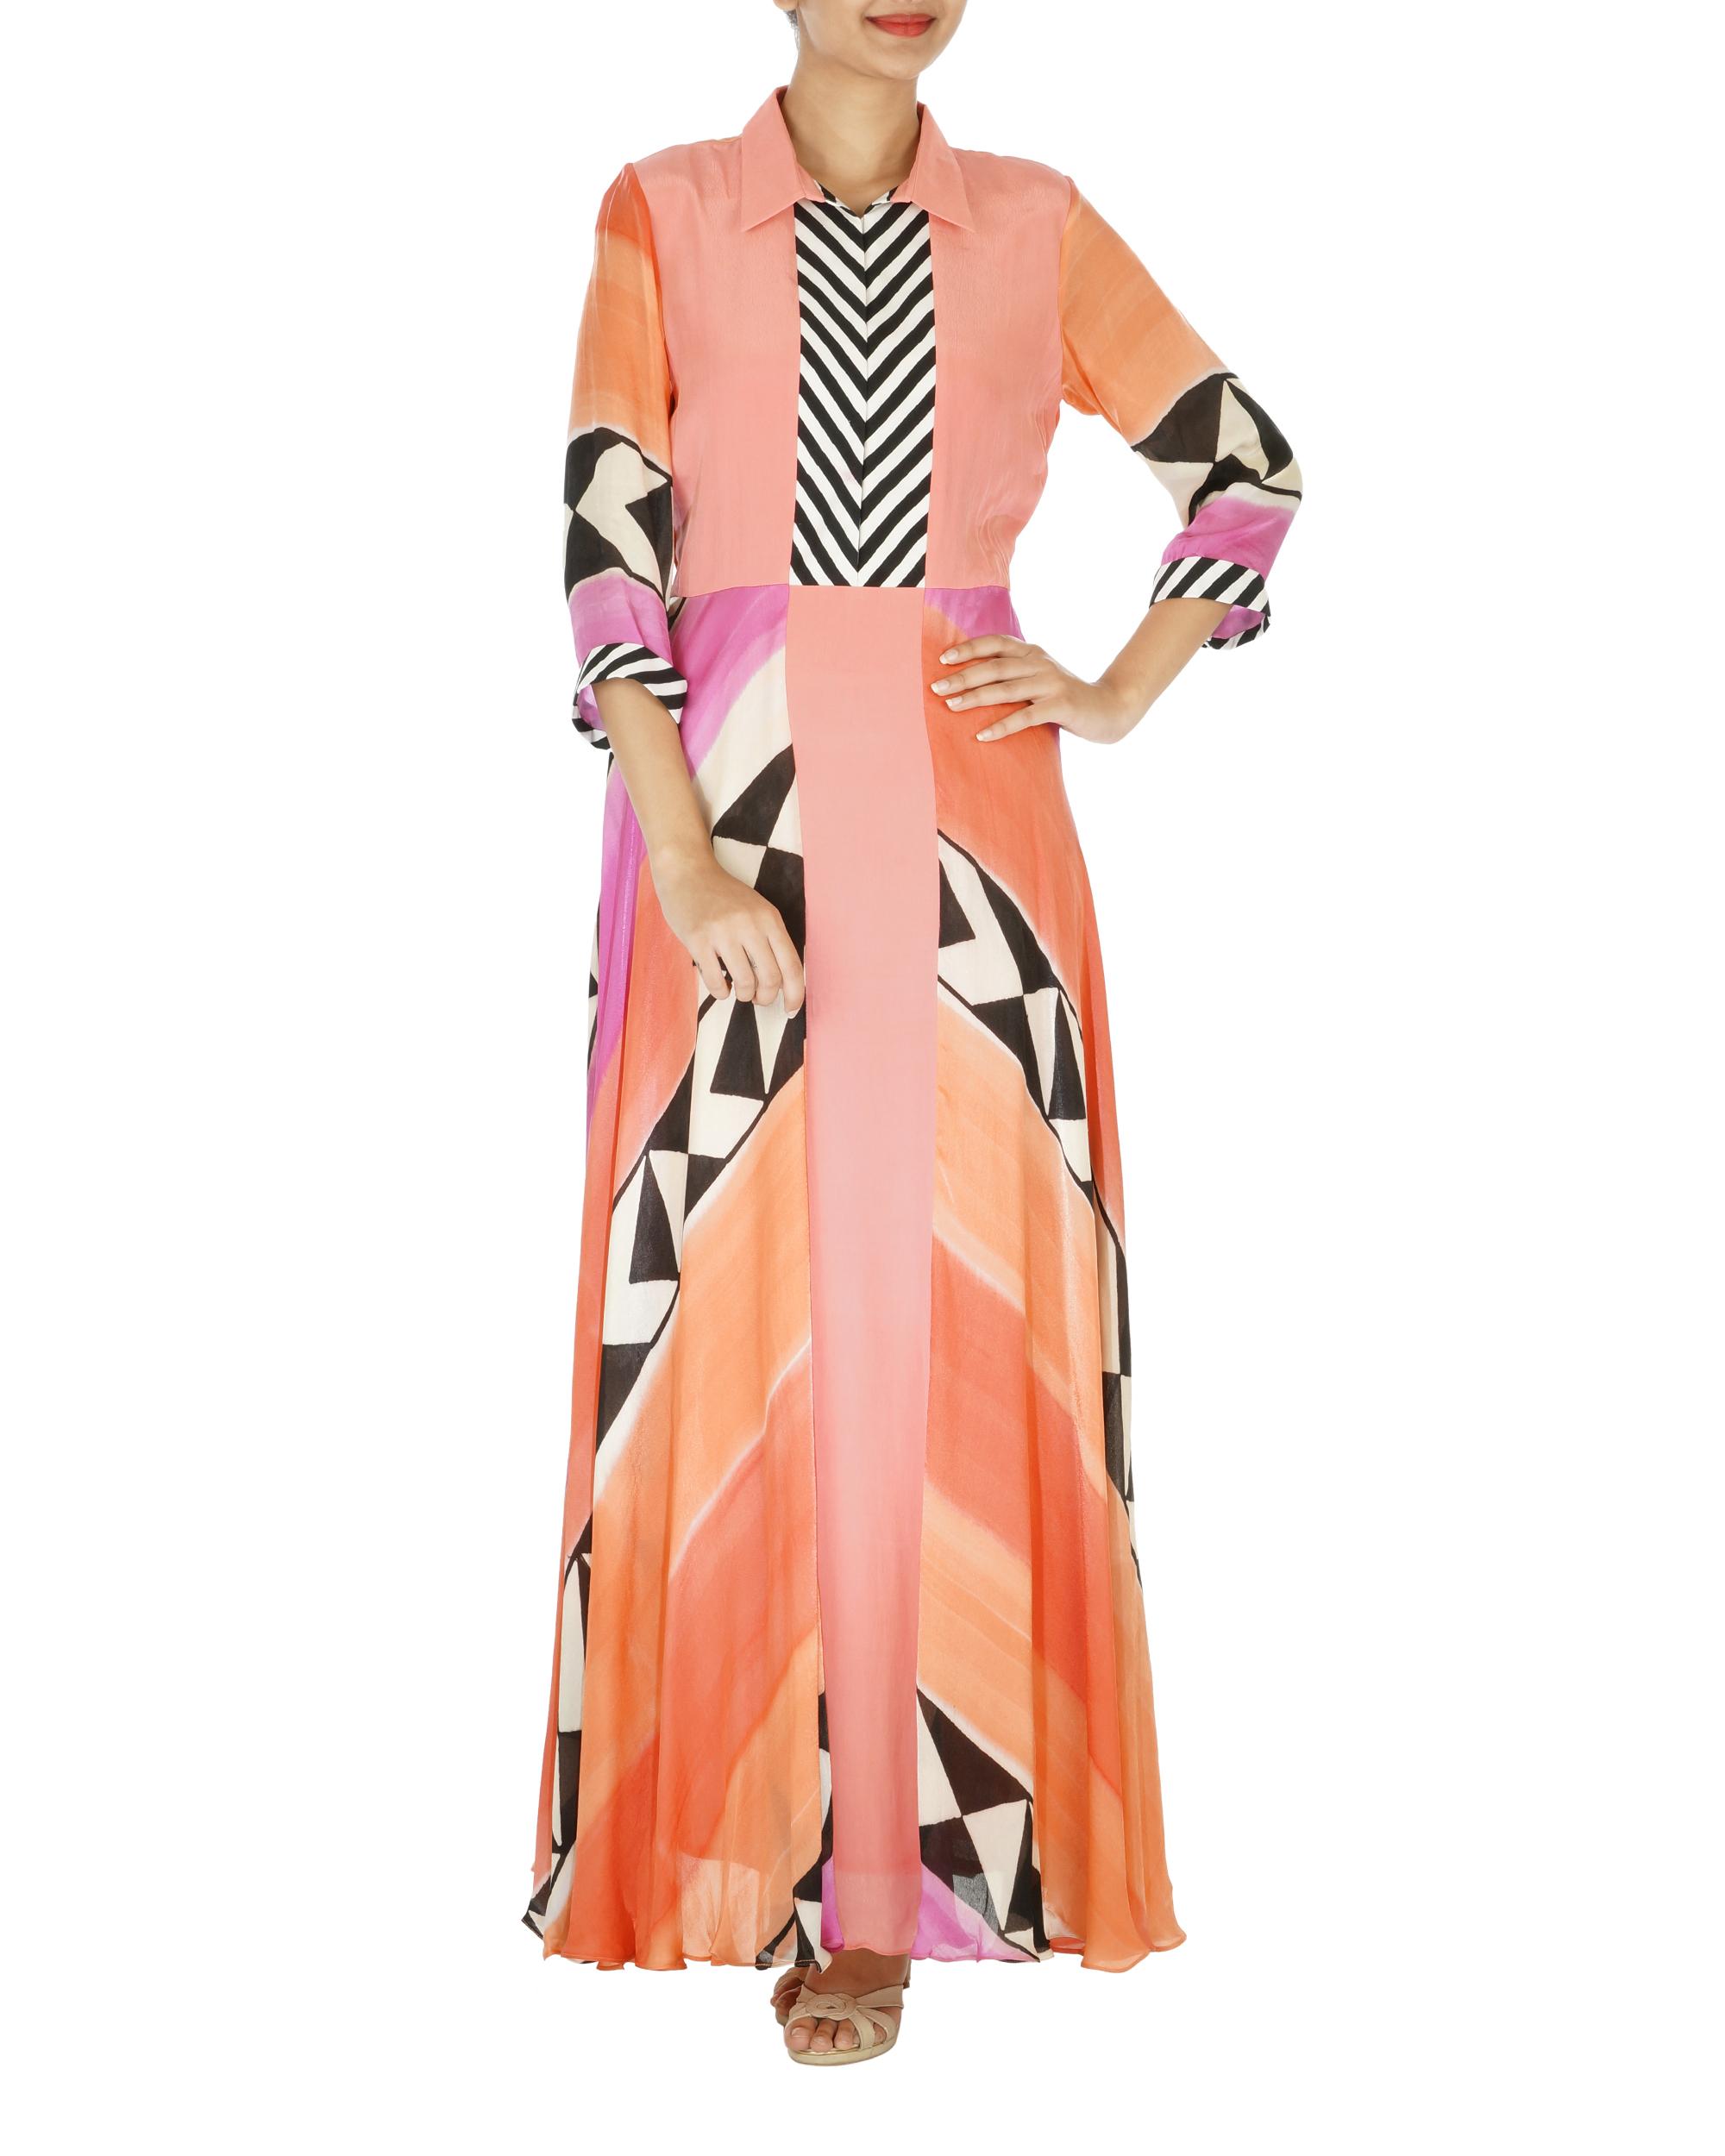 Abstract block printed dress